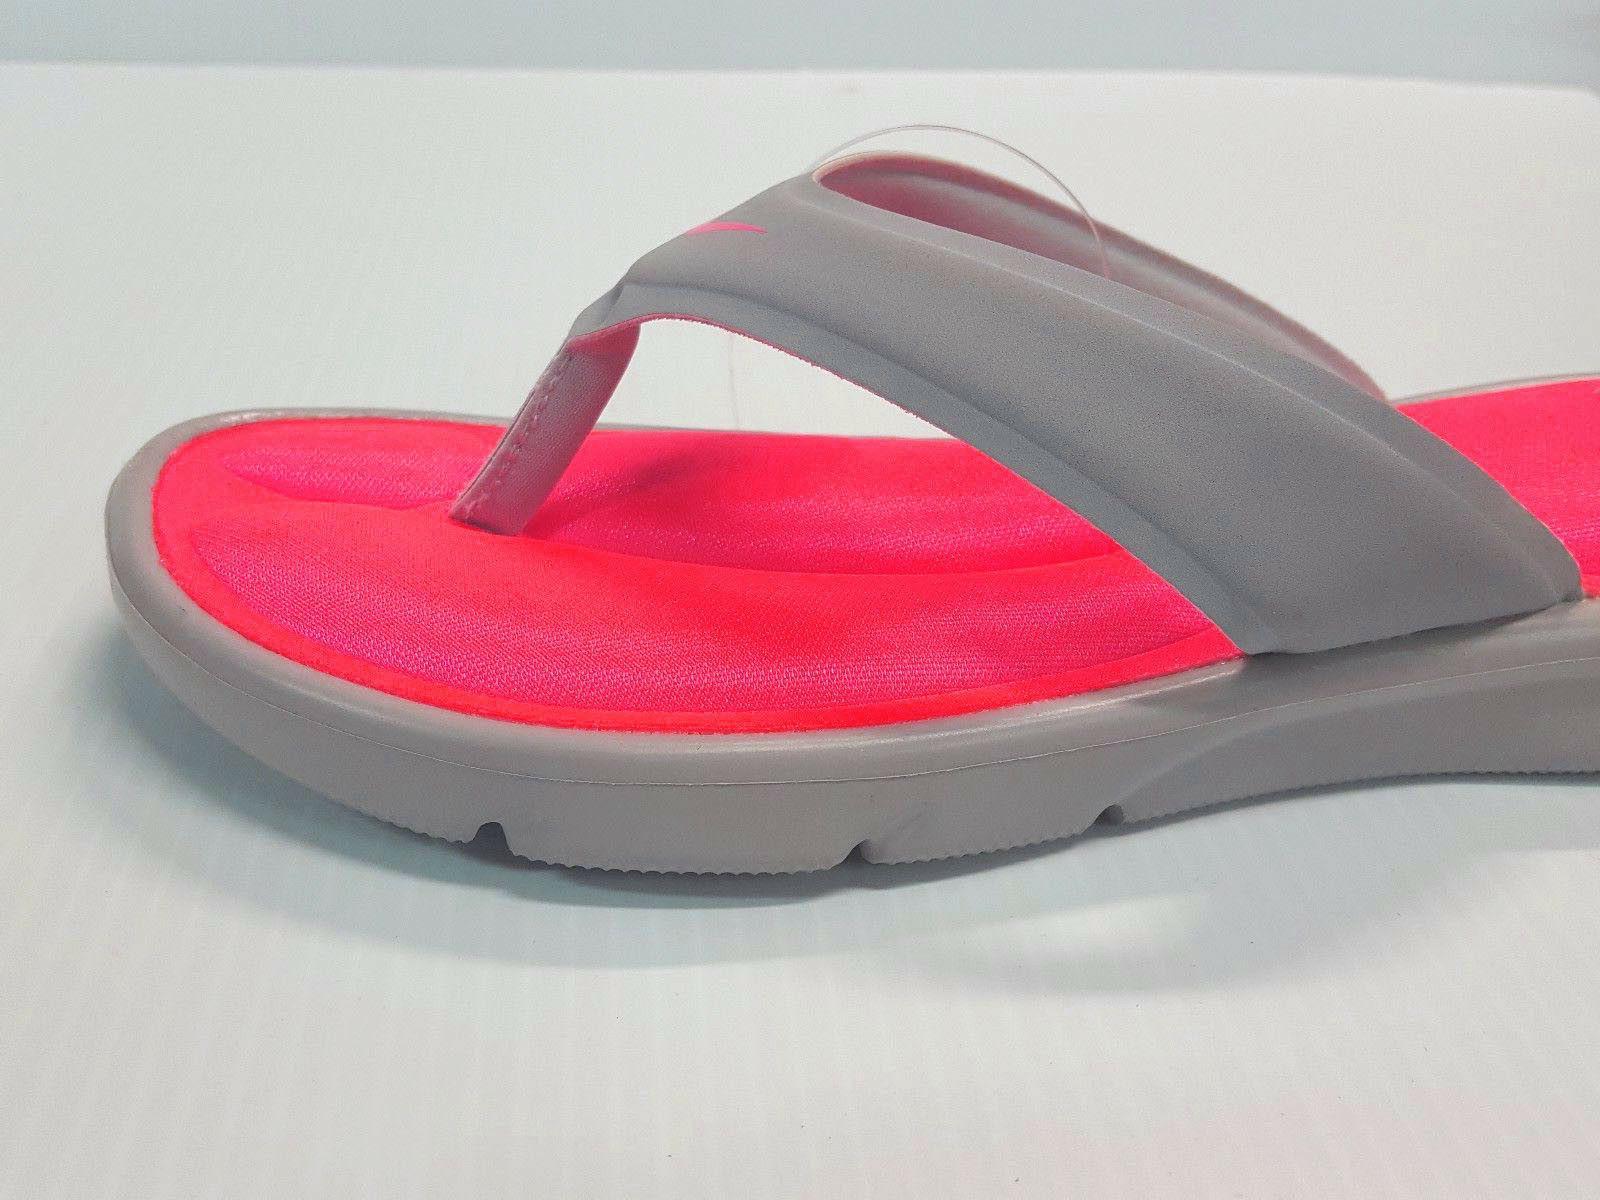 Nike Thong Flip-Flops Size 6,7,8,9,10